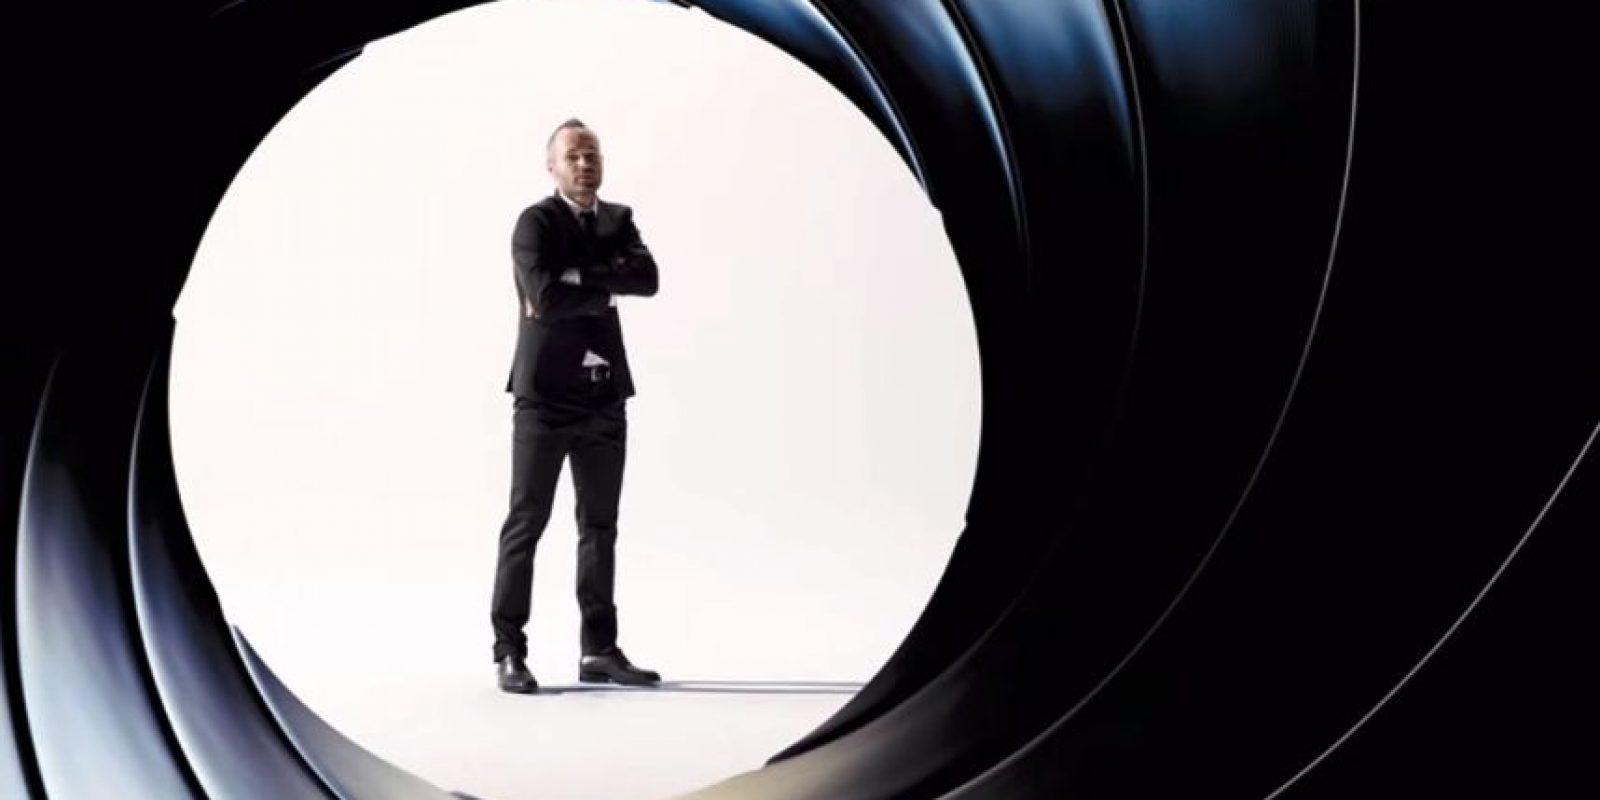 """Andrés Iniesta, junto con otros deportistas españoles, protagonizó un video en homenaje al personaje del cine """"James Bond"""". Foto:Youtube Sony Pictures España"""